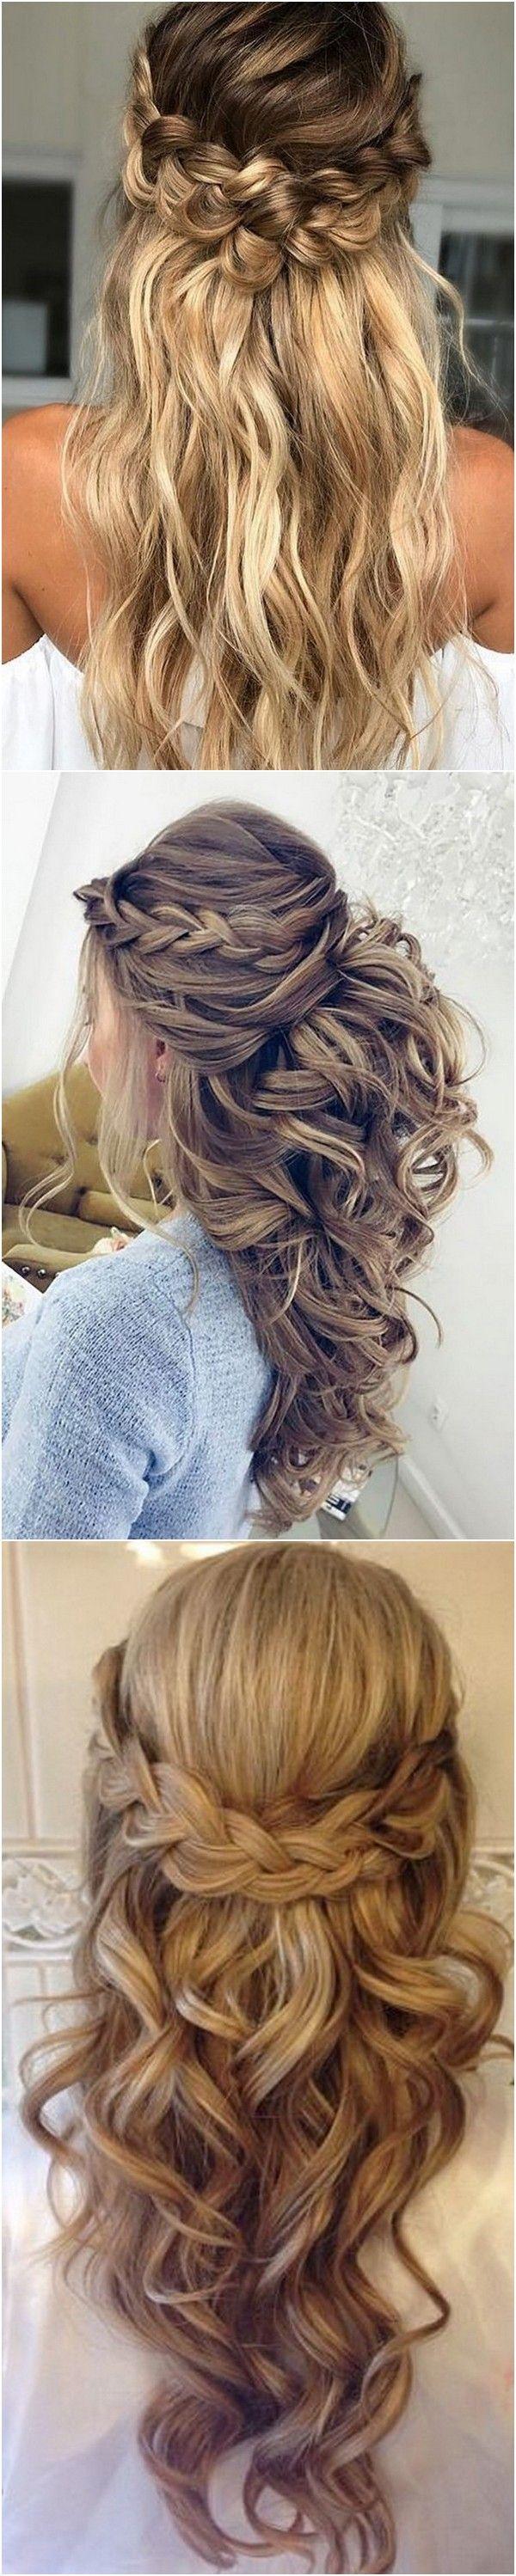 pretty half up half down wedding hairstyle ideas (mit Bildern